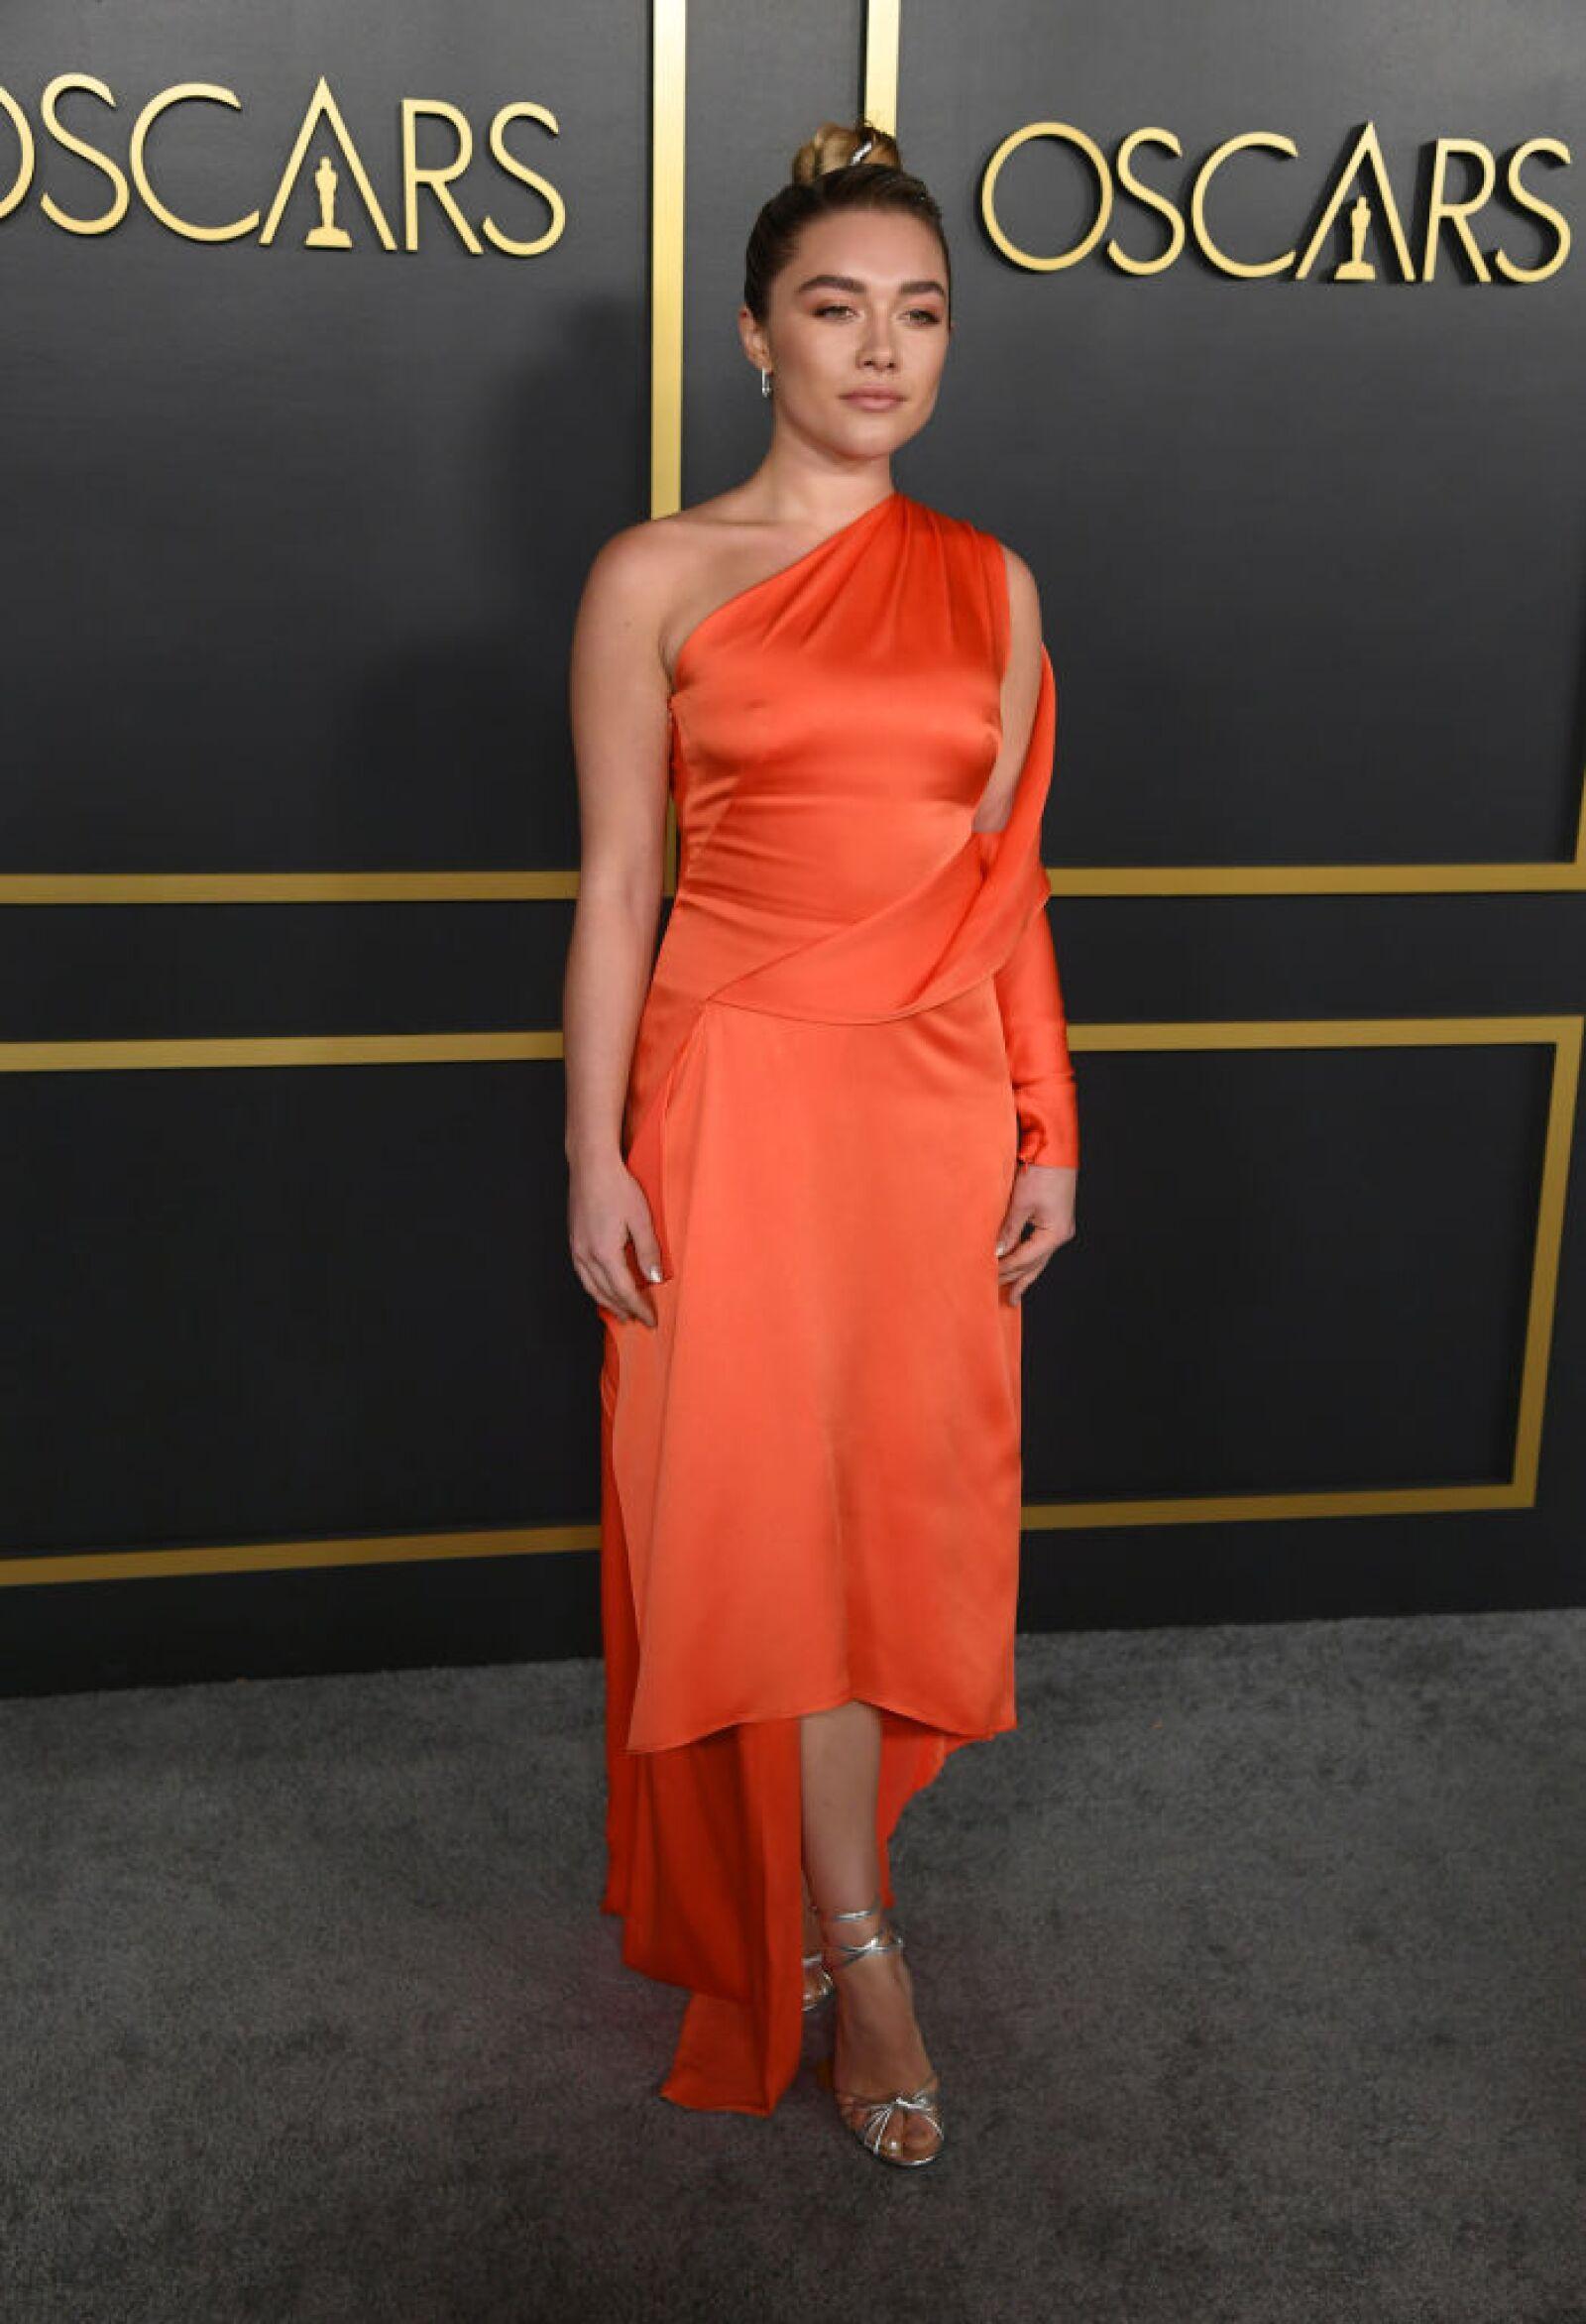 Florence Pugh la actriz de Mujercitas, llevo un vestido de seda en color naranja de la marca Monse